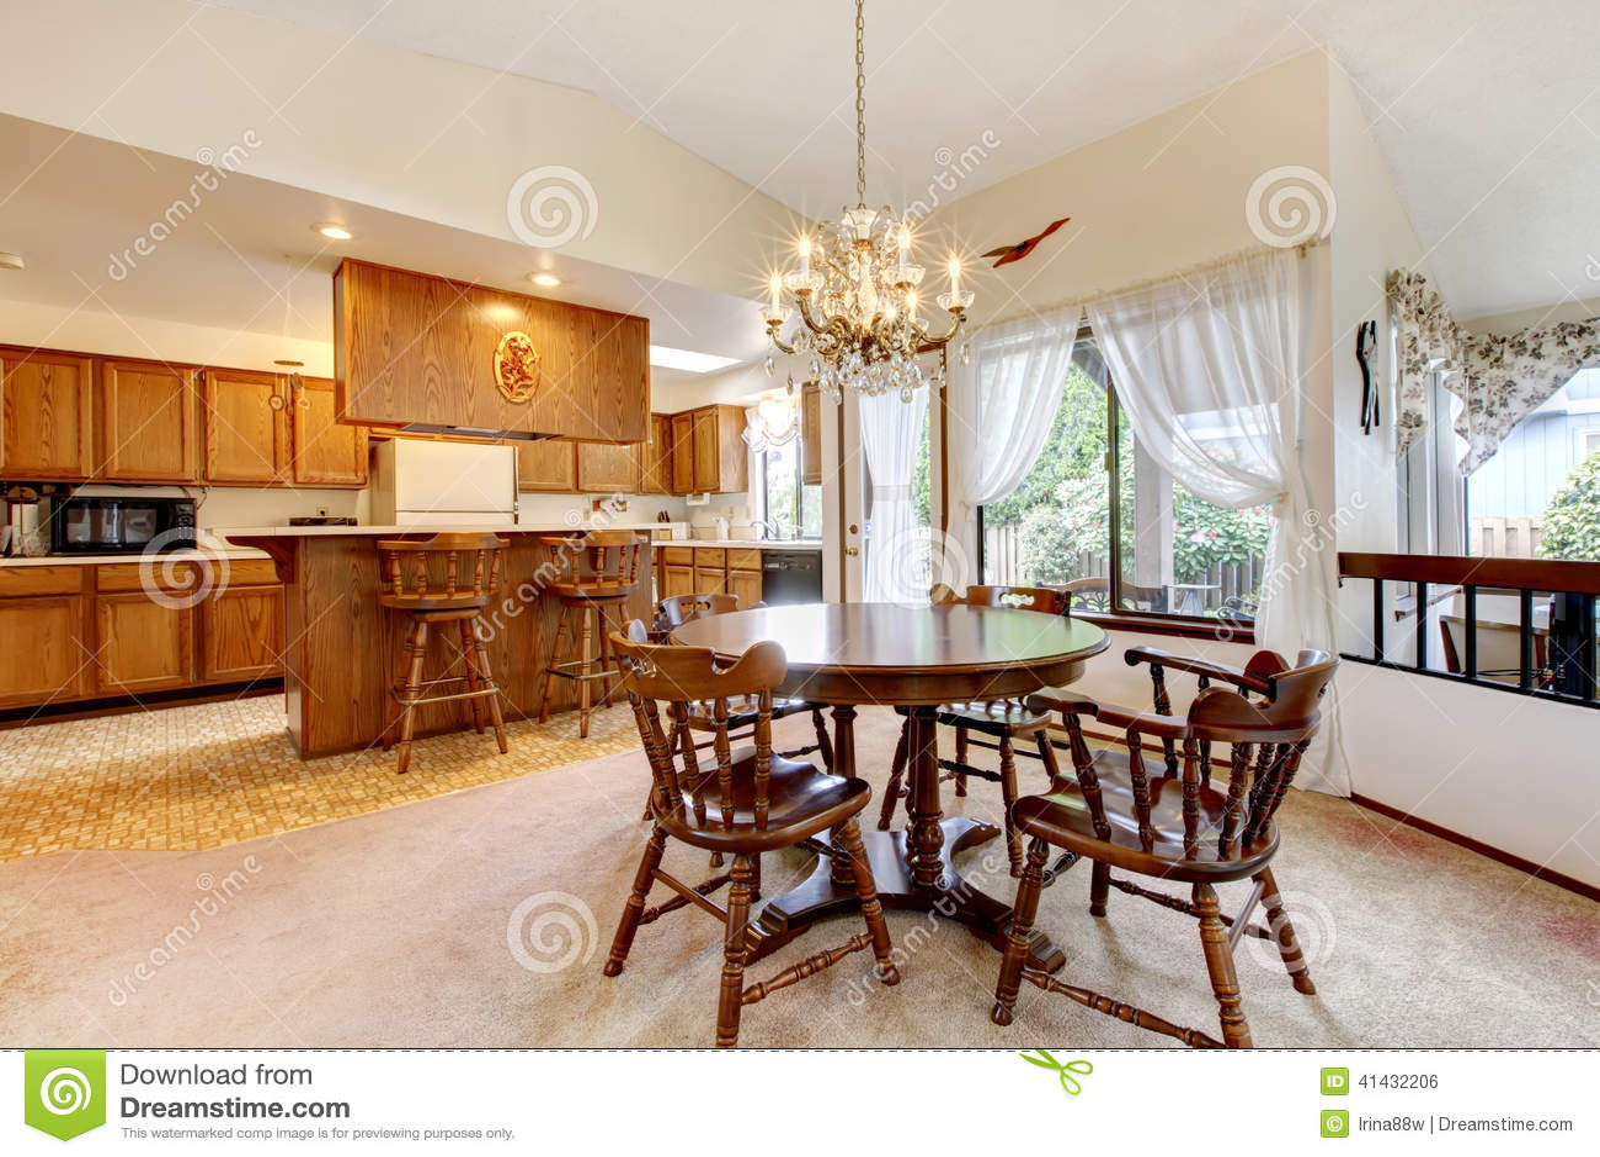 Pi ce lumineuse de cuisine avec l 39 ensemble rustique de for Cuisine avec salle a manger integree